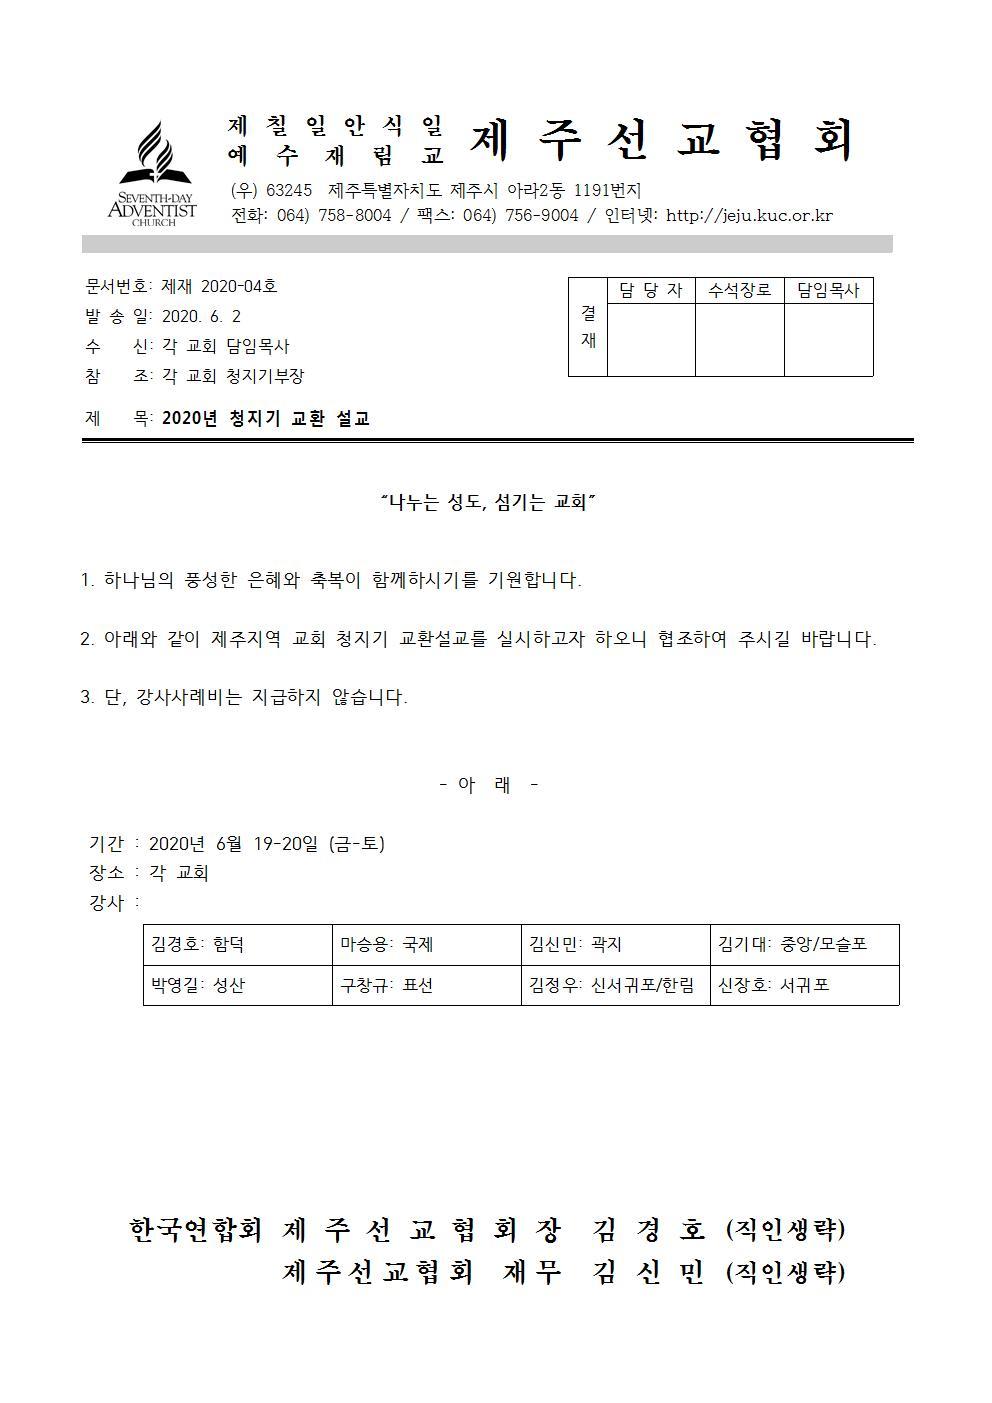 제재 2020-04호 청지기 교환설교001.jpg